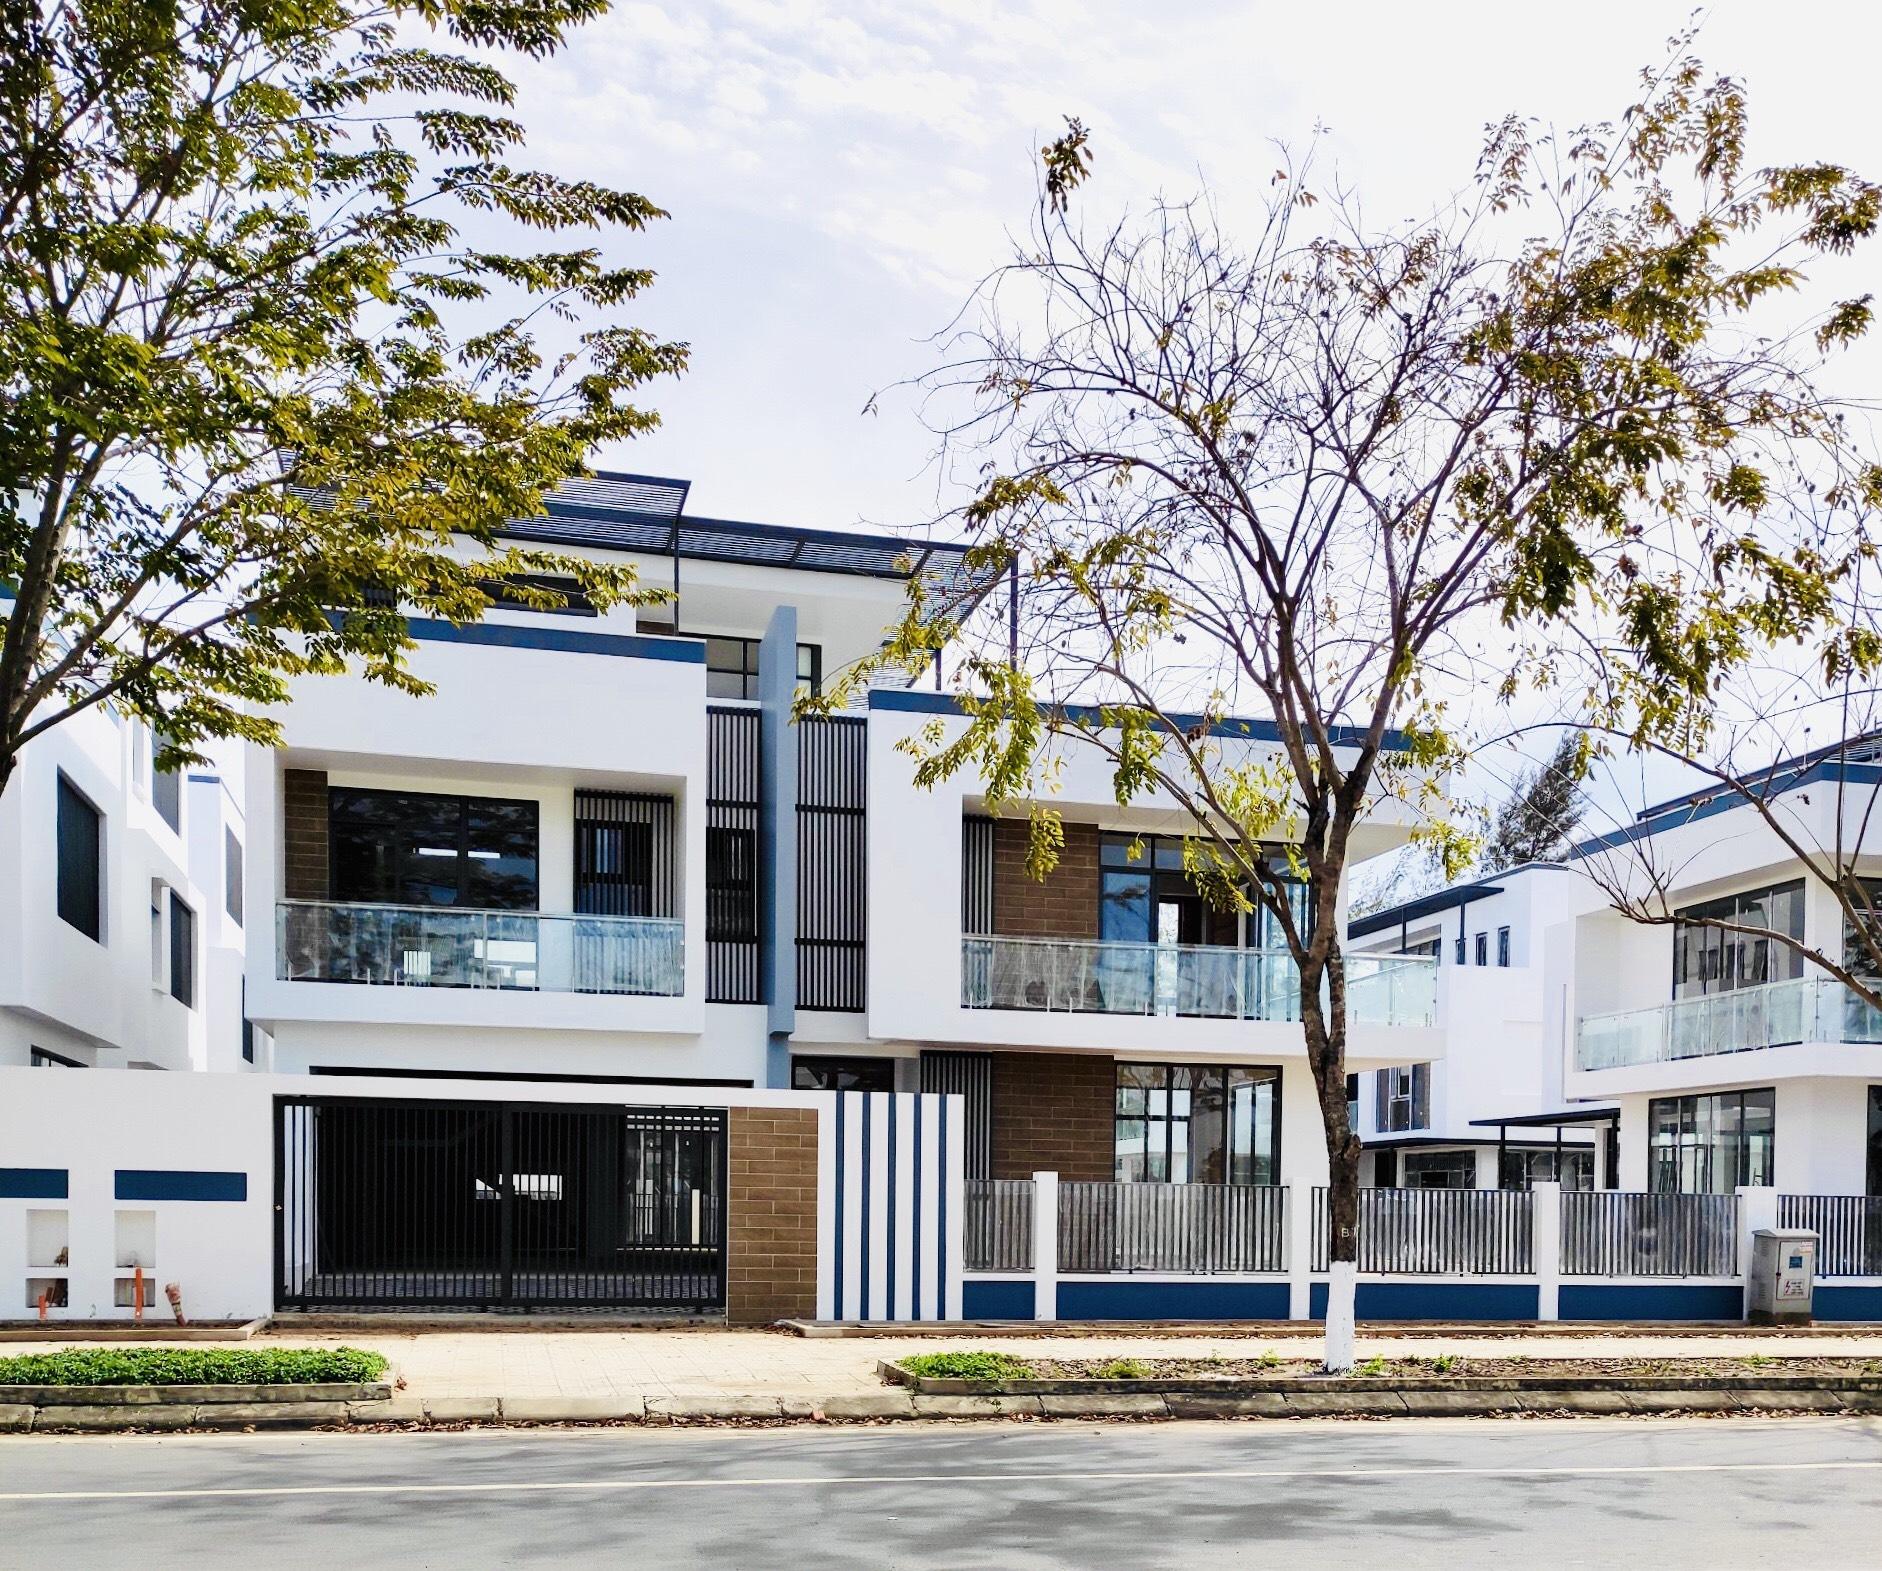 Mẫu nhà thực tế khu biệt thự 10x20 dự án Đông Tăng Long Quận 9